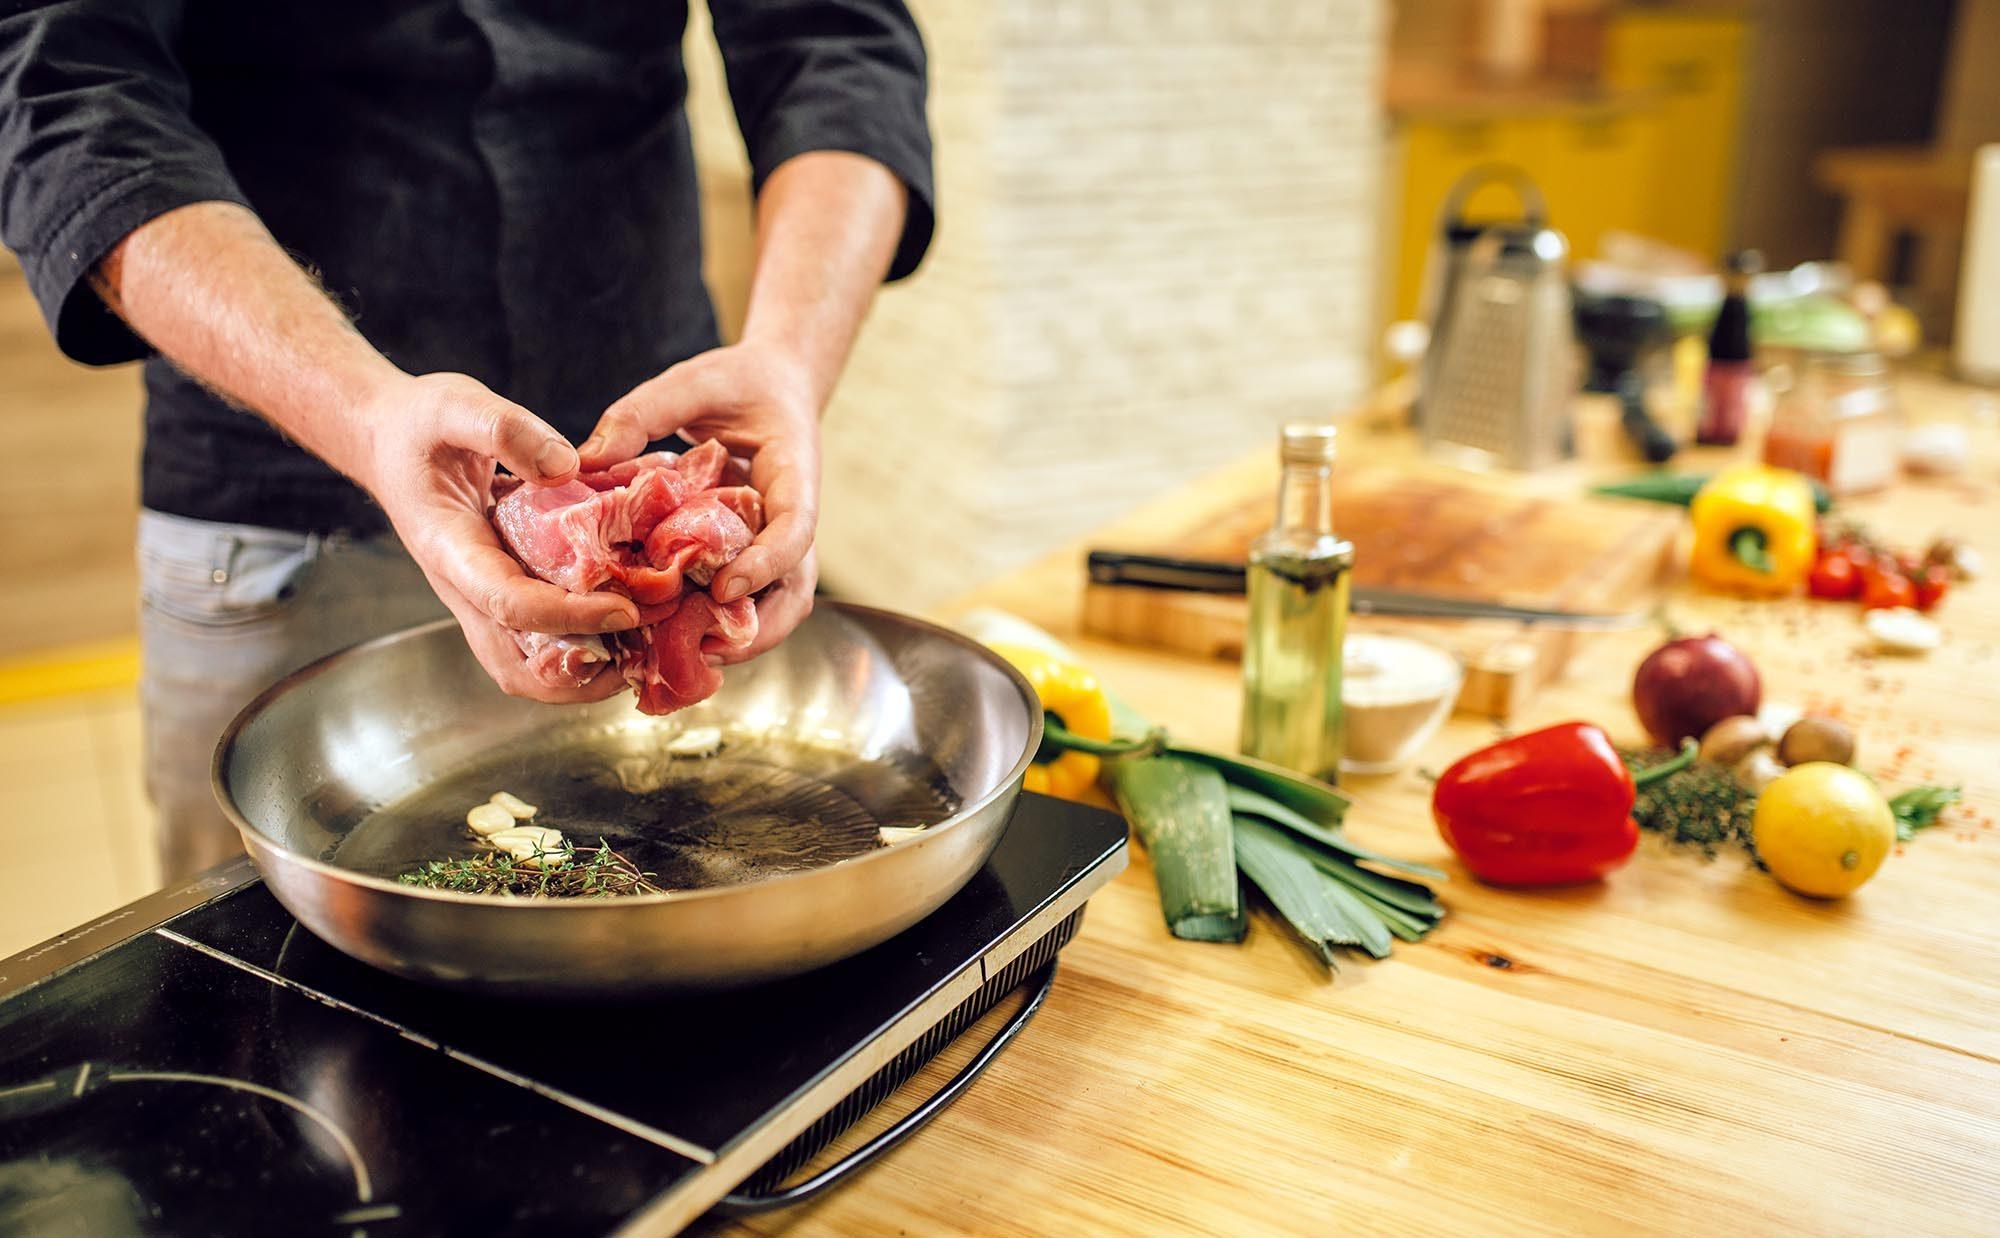 これぞ男飯! 自炊の魅力にハマった私の「ガッツリ・お手頃・お手軽レシピ」